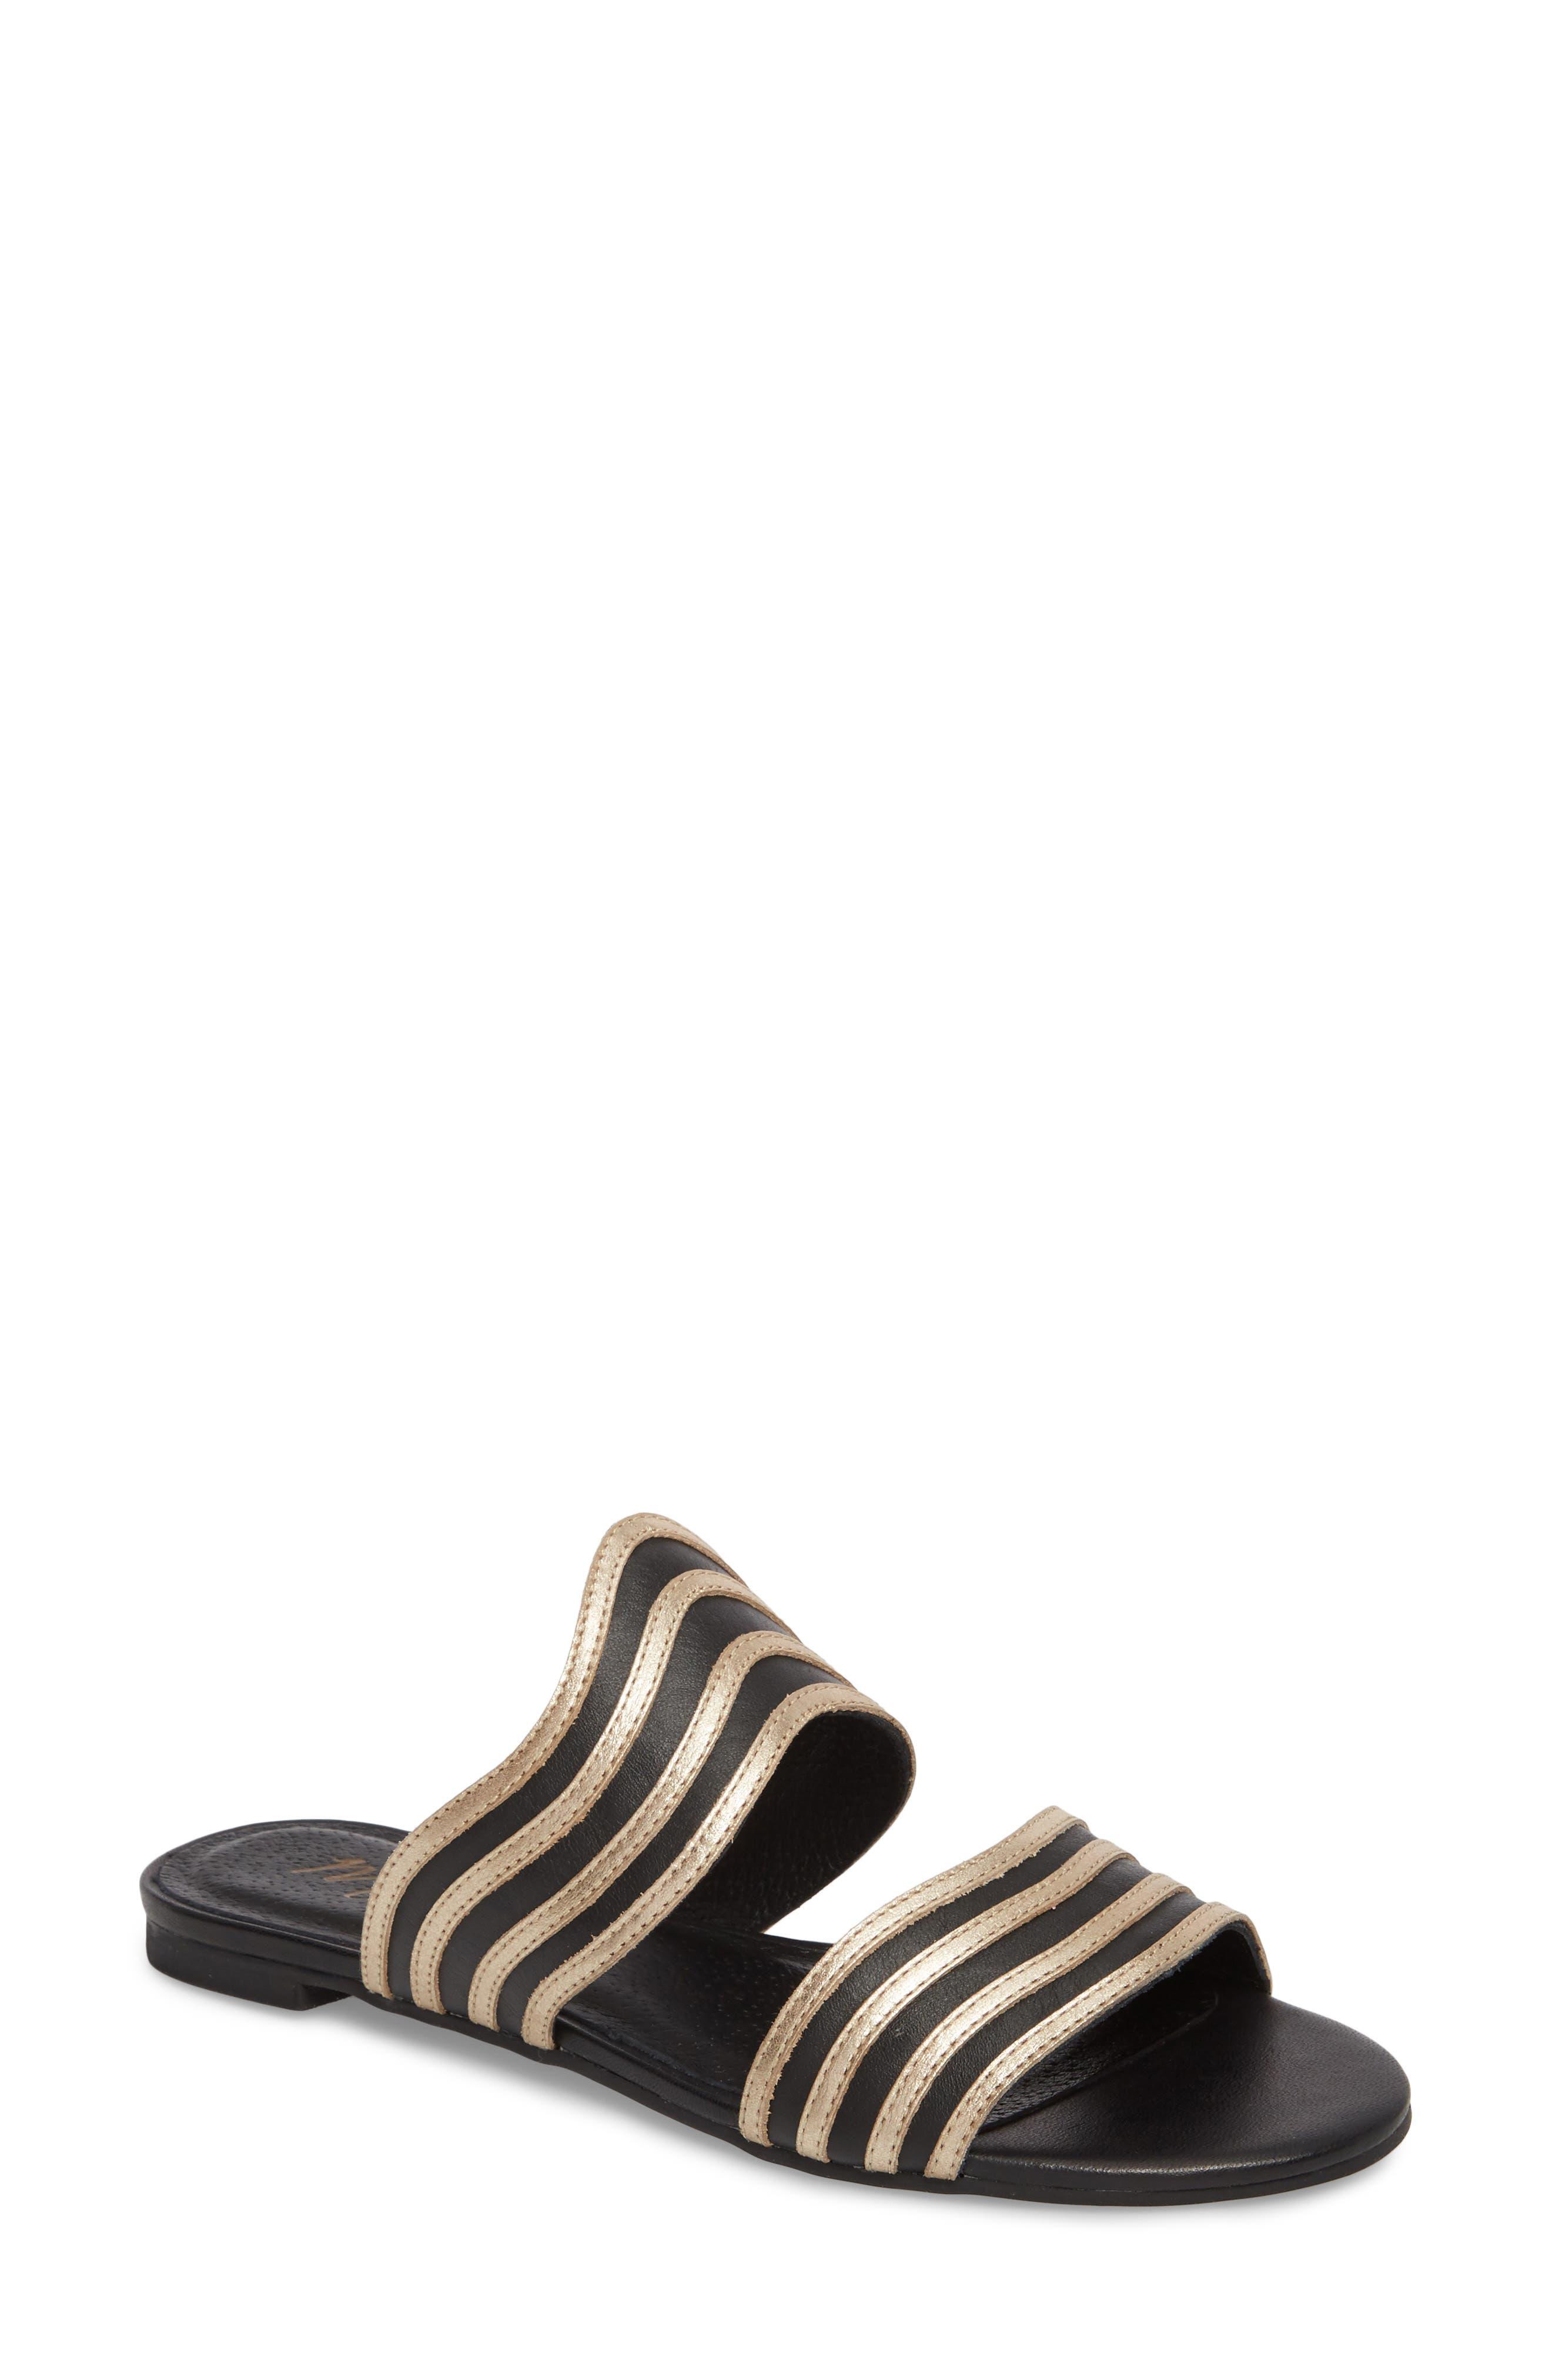 Matisse Women's Russo Slide Sandal a1DMVX